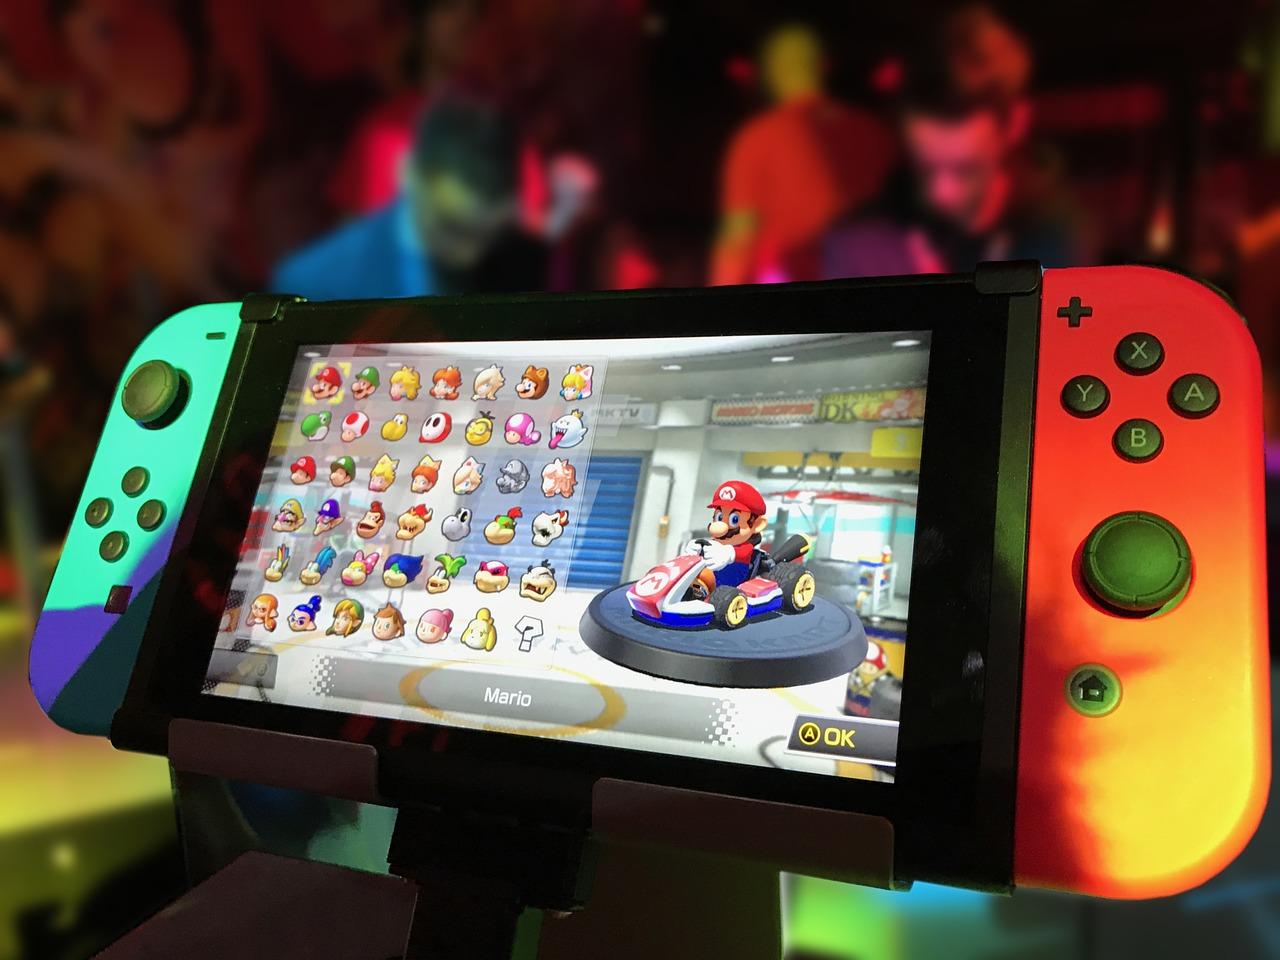 nintendo switch 2154437 1280 - モンスターハンター ライズも発売。2021年スイッチゲームおすすめソフトを人気のゲーム実況・配信でチェック。